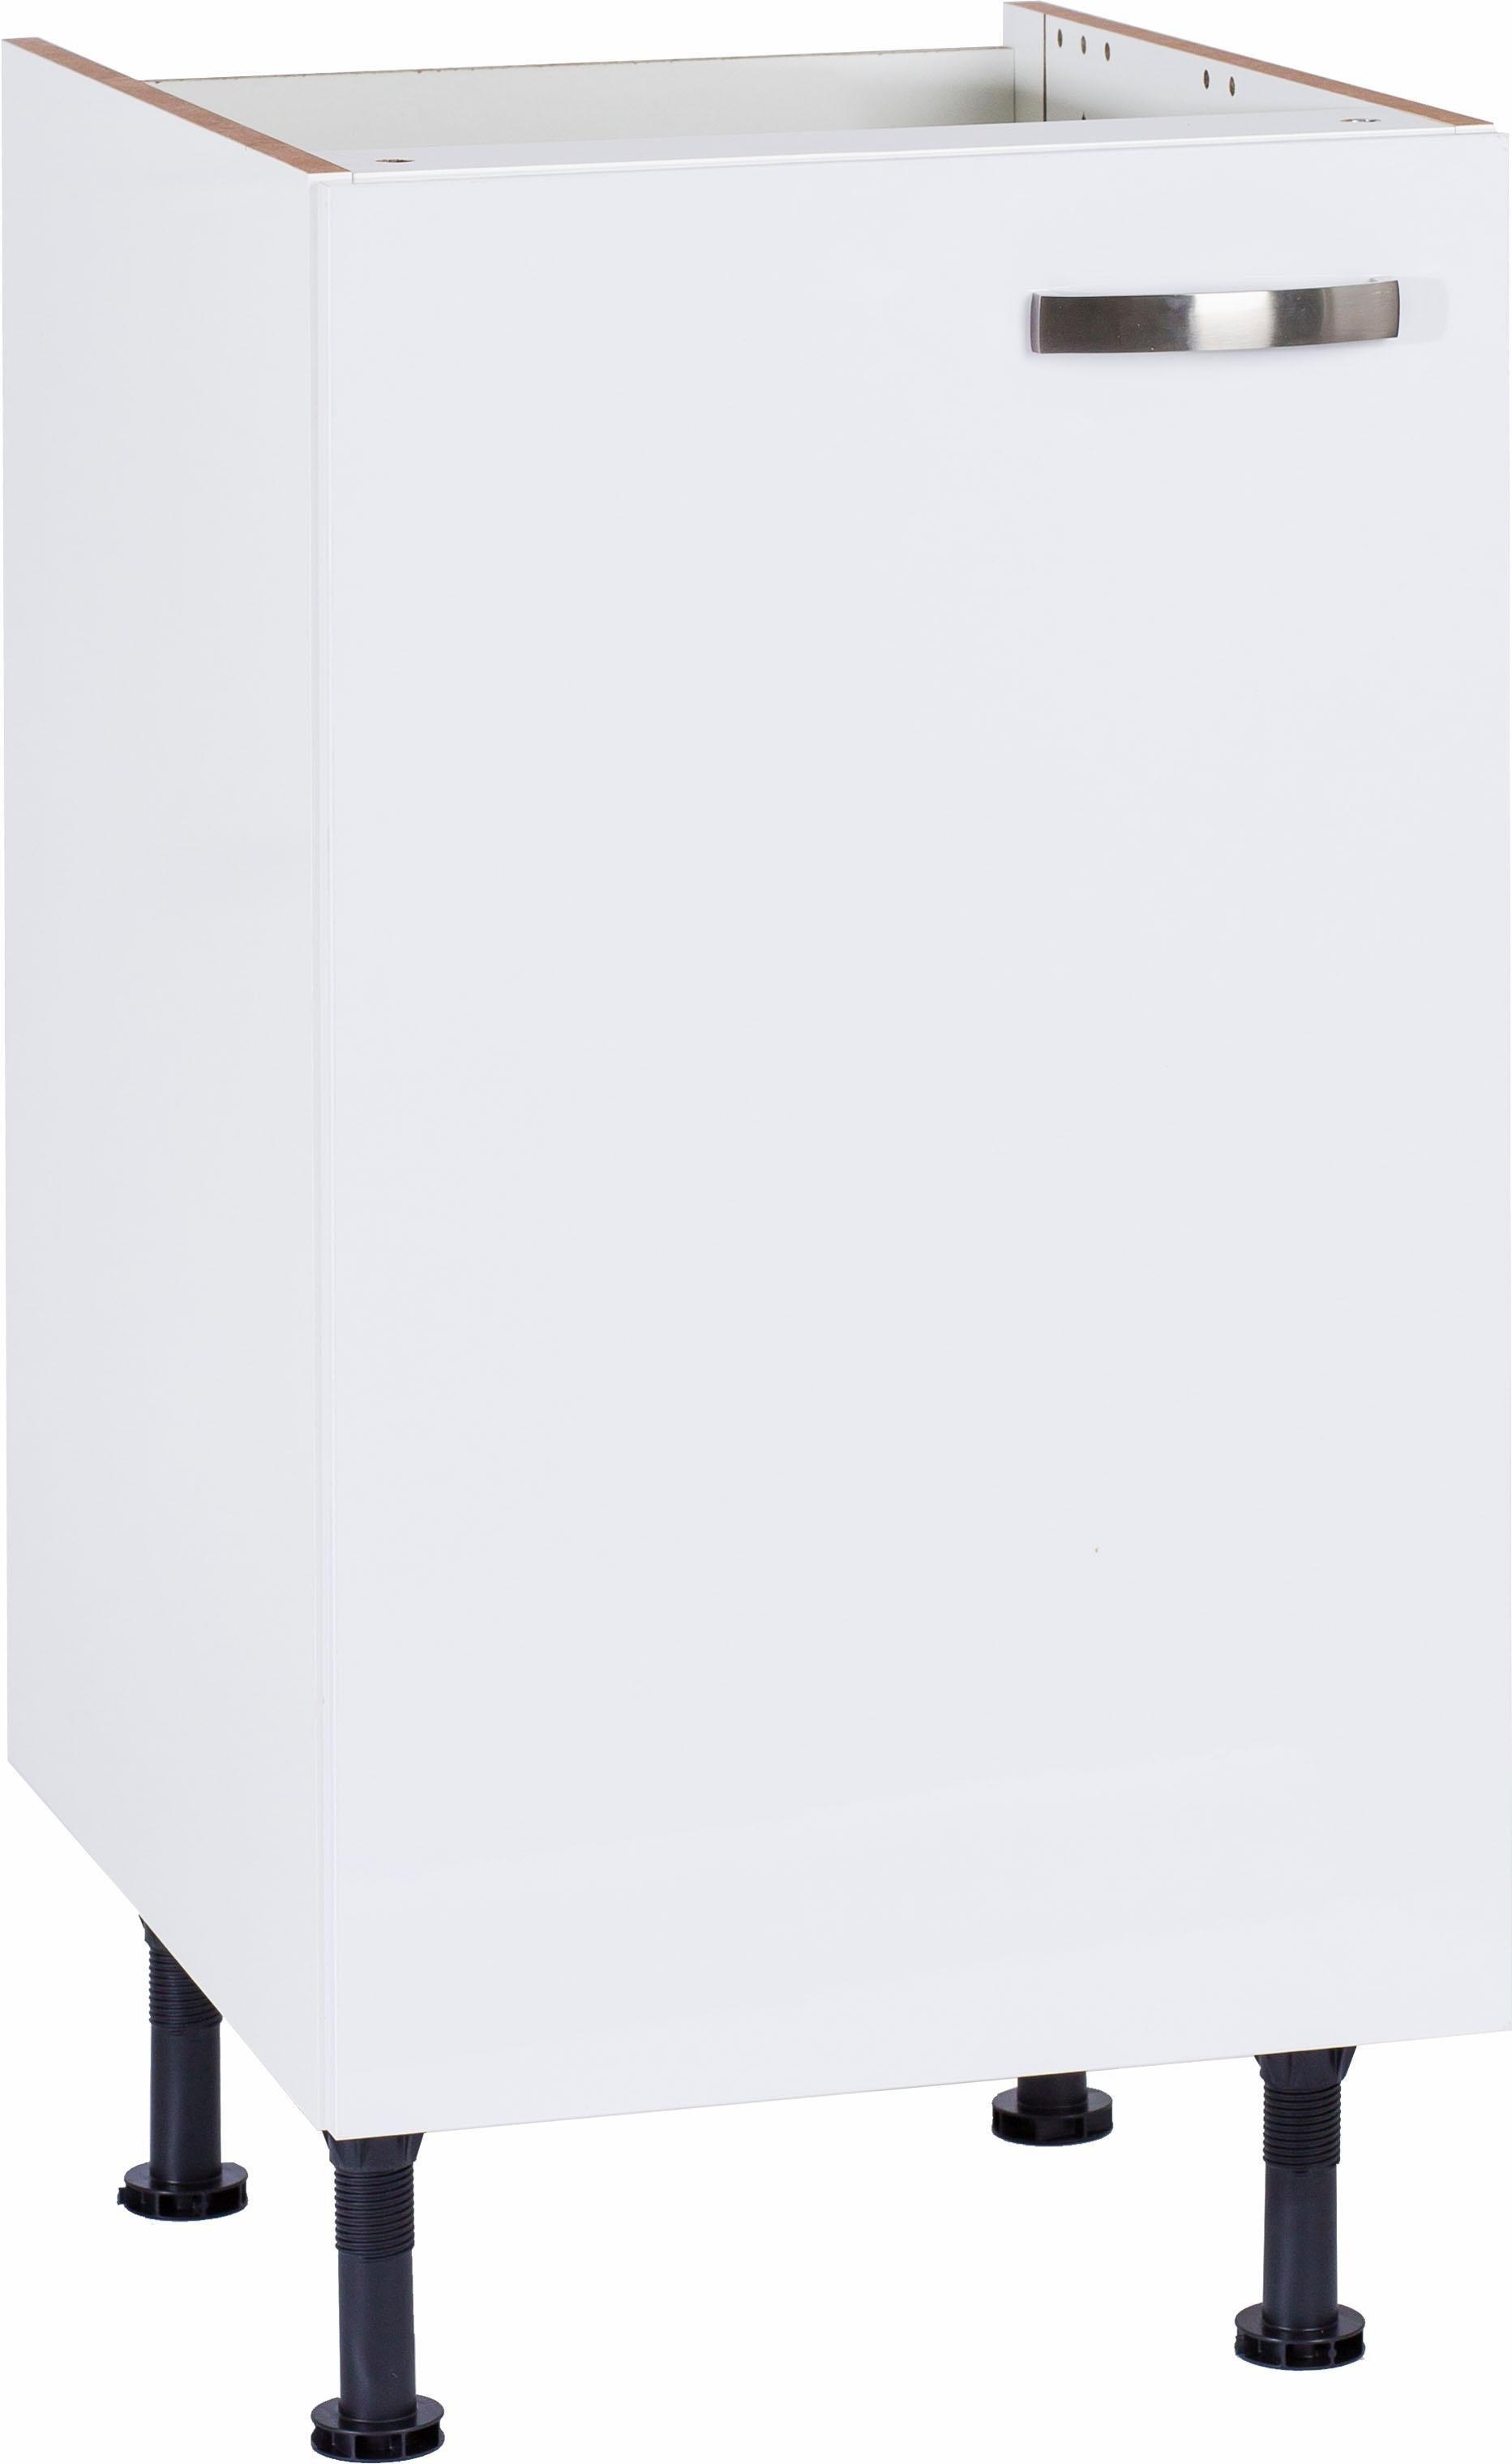 OPTIFIT »Cara« Spülenschrank, Breite 45 cm | Küche und Esszimmer > Küchenschränke > Spülenschränke | Anthrazit - Weiß - Glanz | Beton - Glänzend - Mdf - Melamin | OPTIFIT